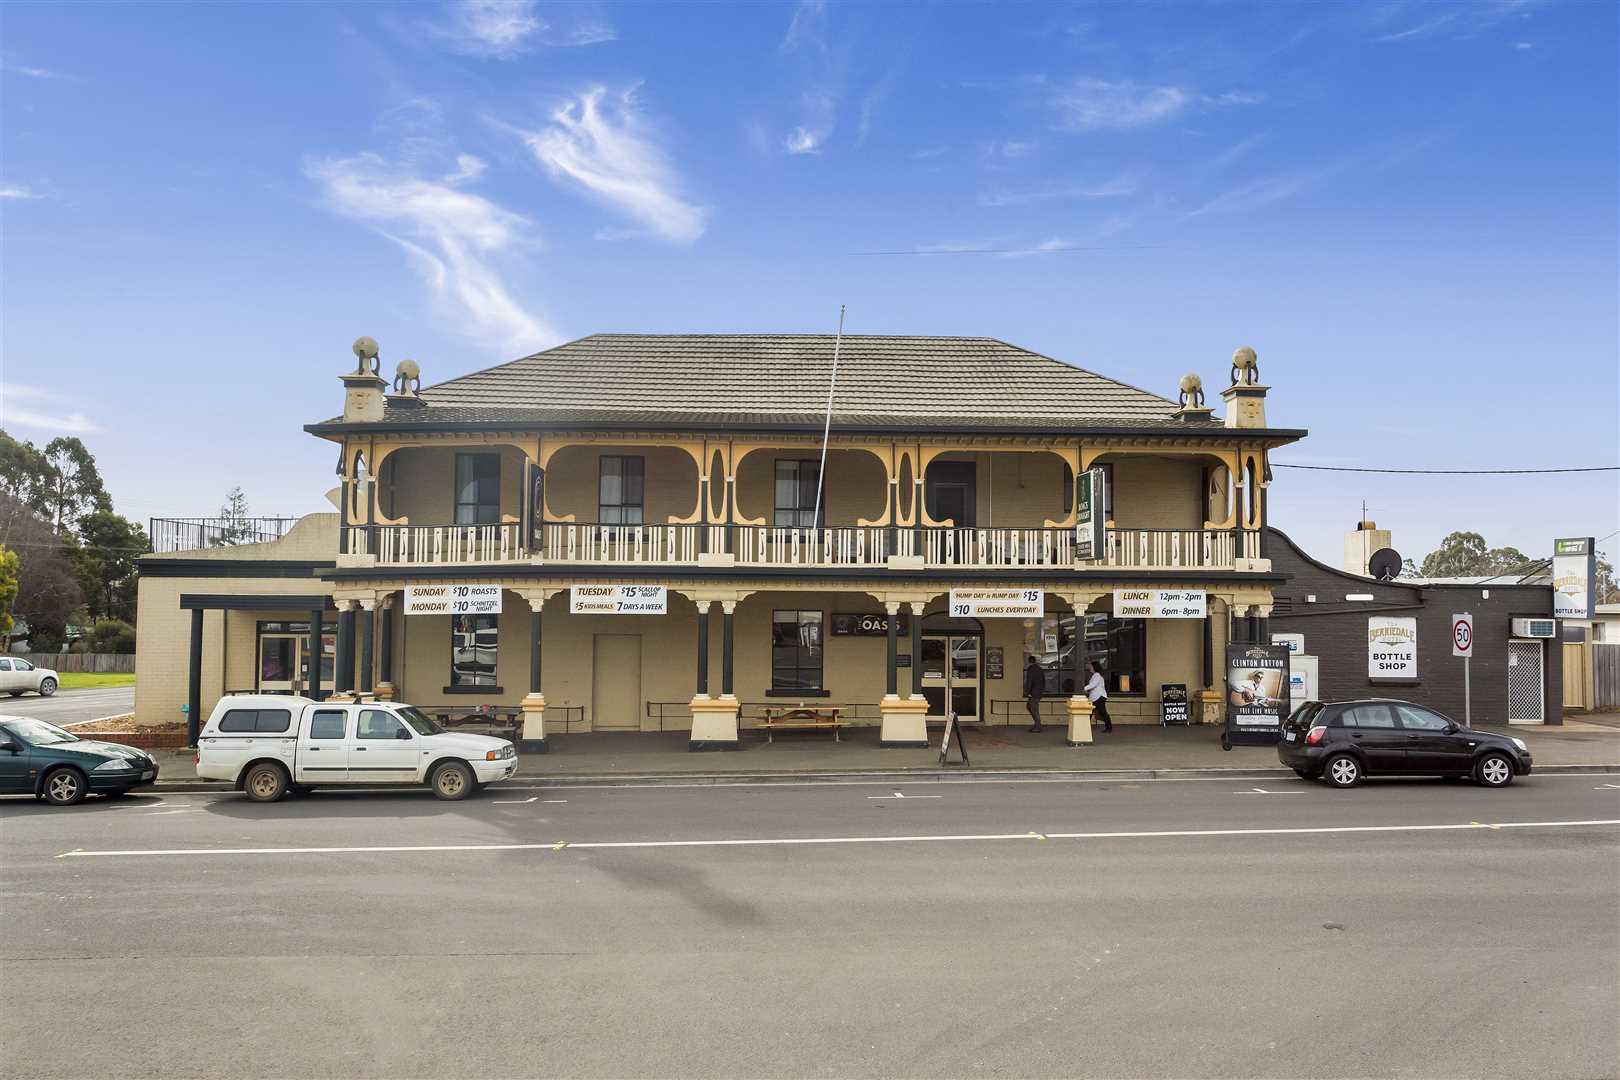 The Berriedale Hotel - Westbury